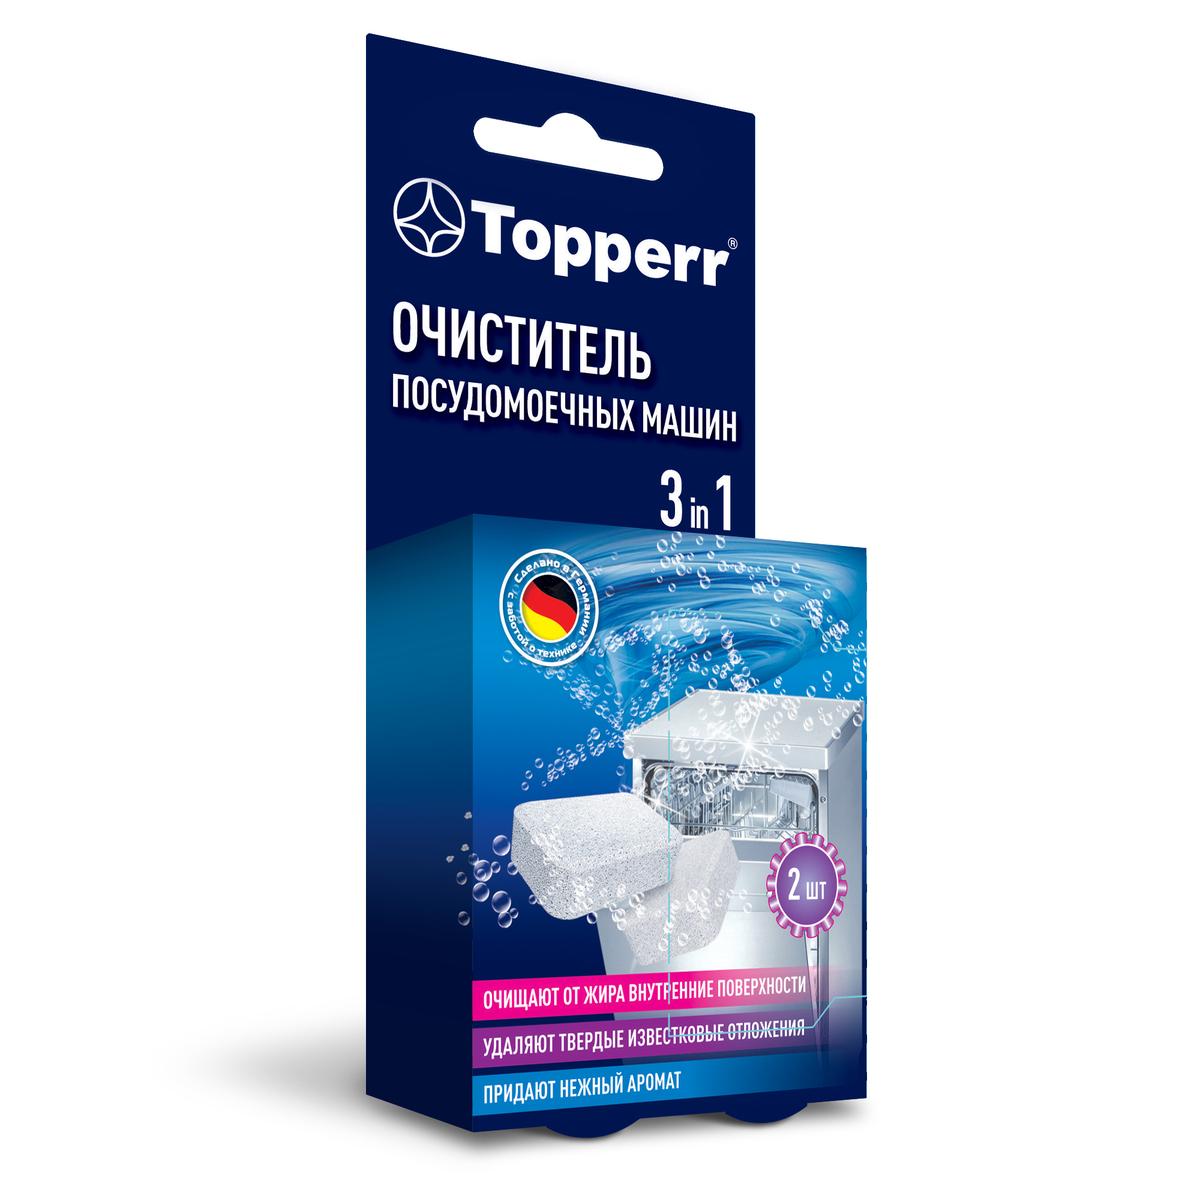 Очиститель посудомоечных машин (таблетированный) Topperr 3324